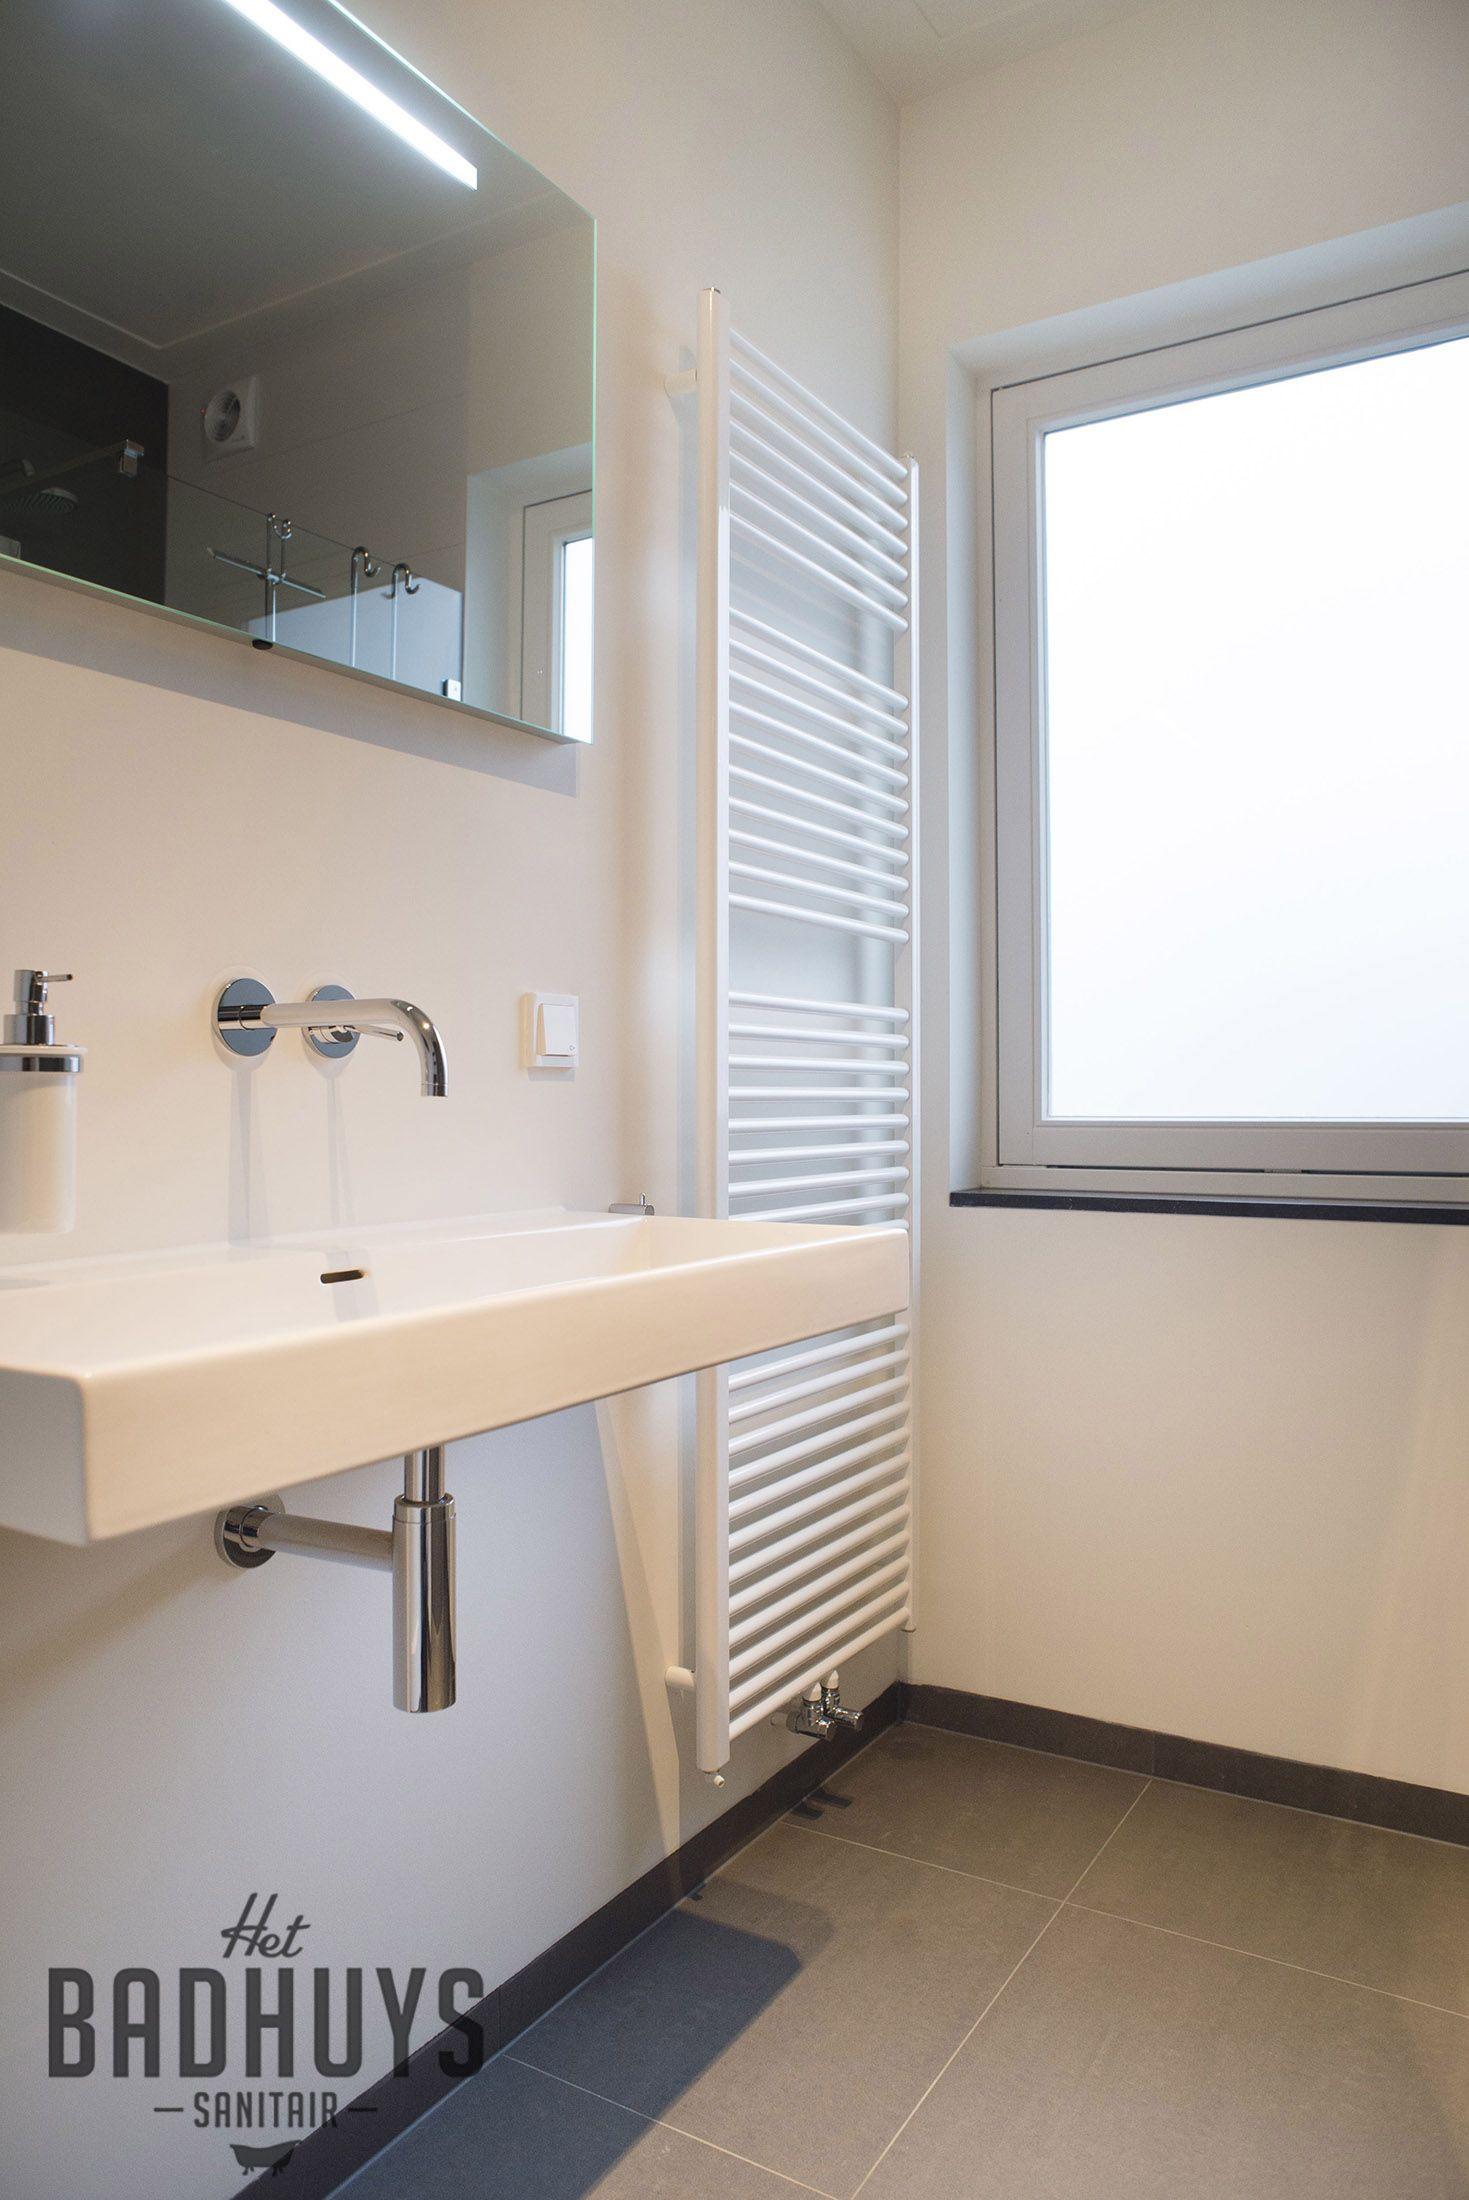 design wasbakken badkamer consenza for meubels ideeà n